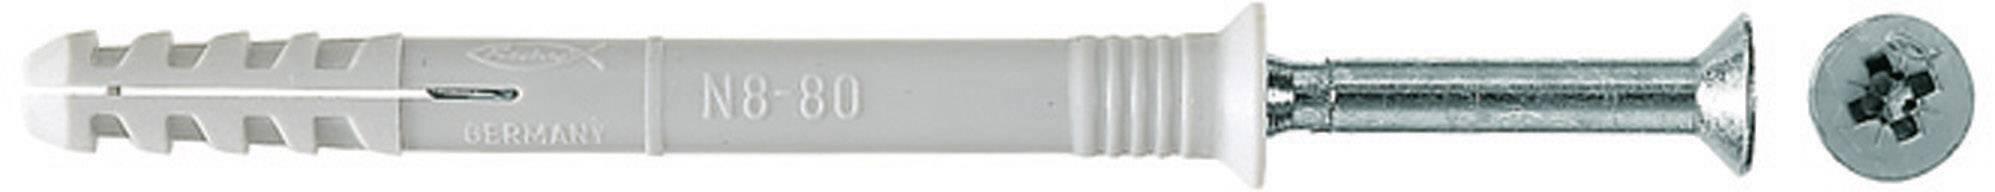 Fischer N 6 x 60/30 S Nageldübel 60 mm 6 mm 048789 100 St.